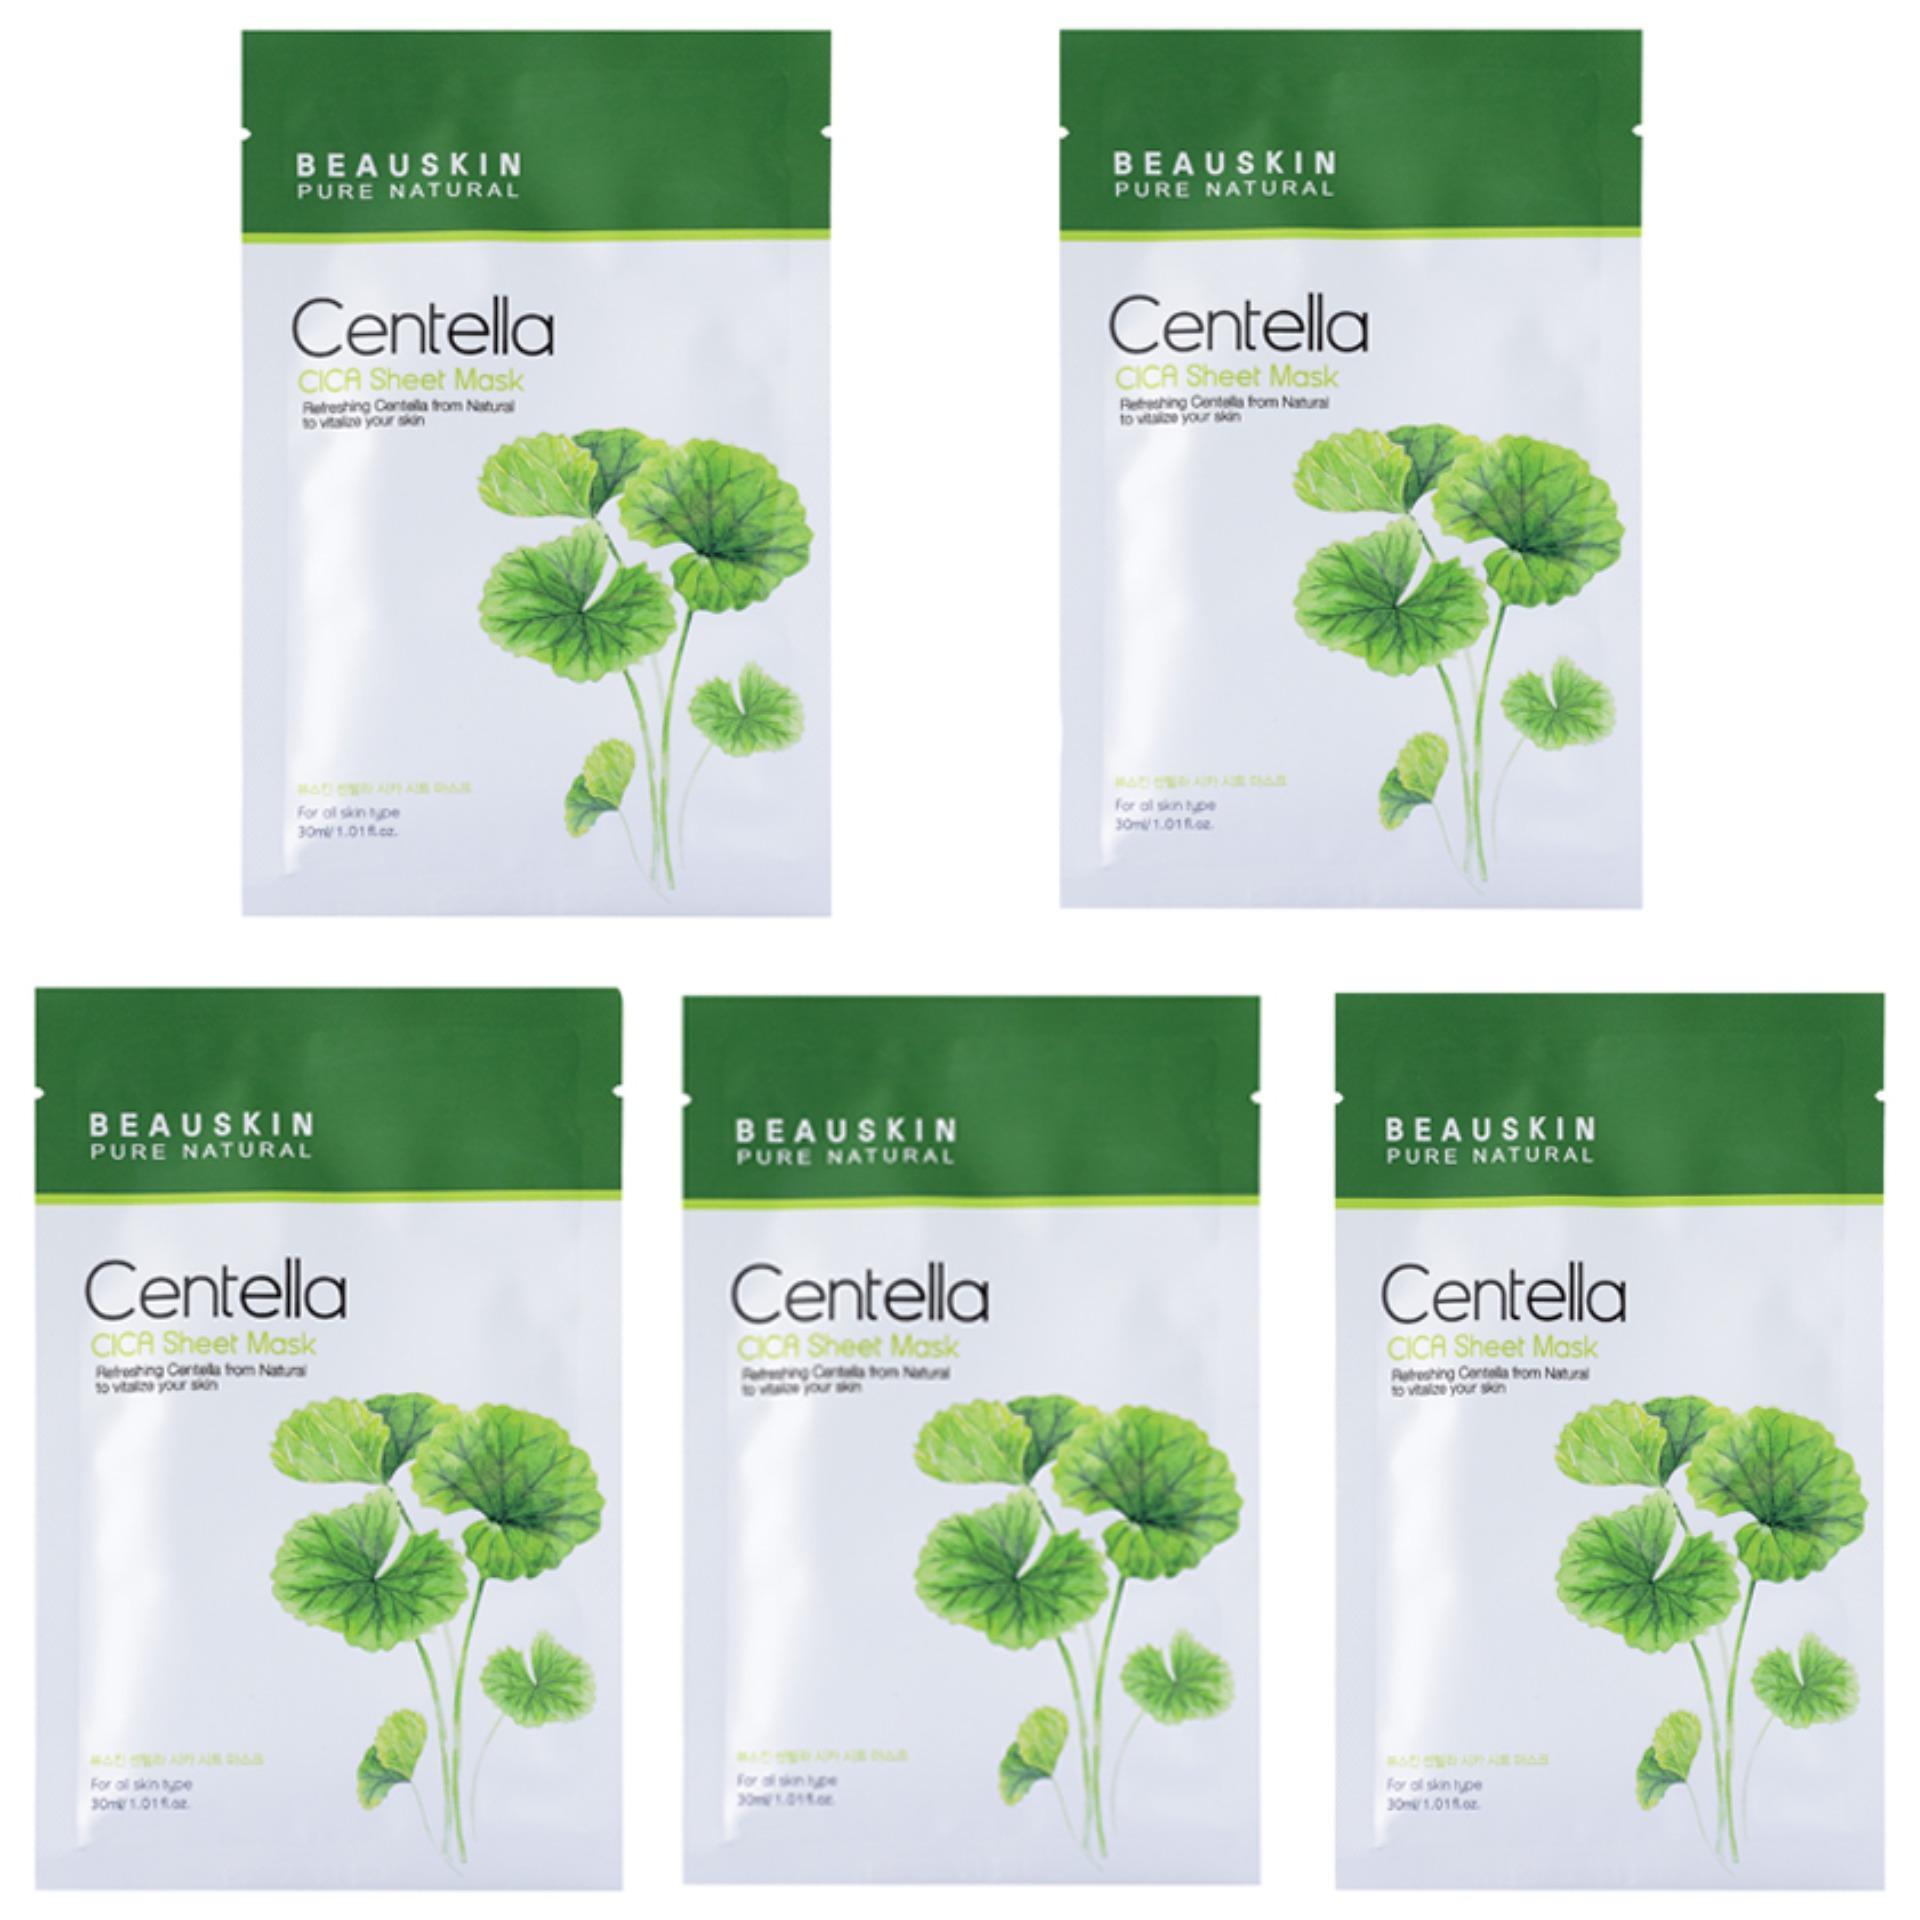 Com bo 5 mặt nạ Beauskin tinh chất rau má Cica Centella Sheet Mask Hàn Quốc